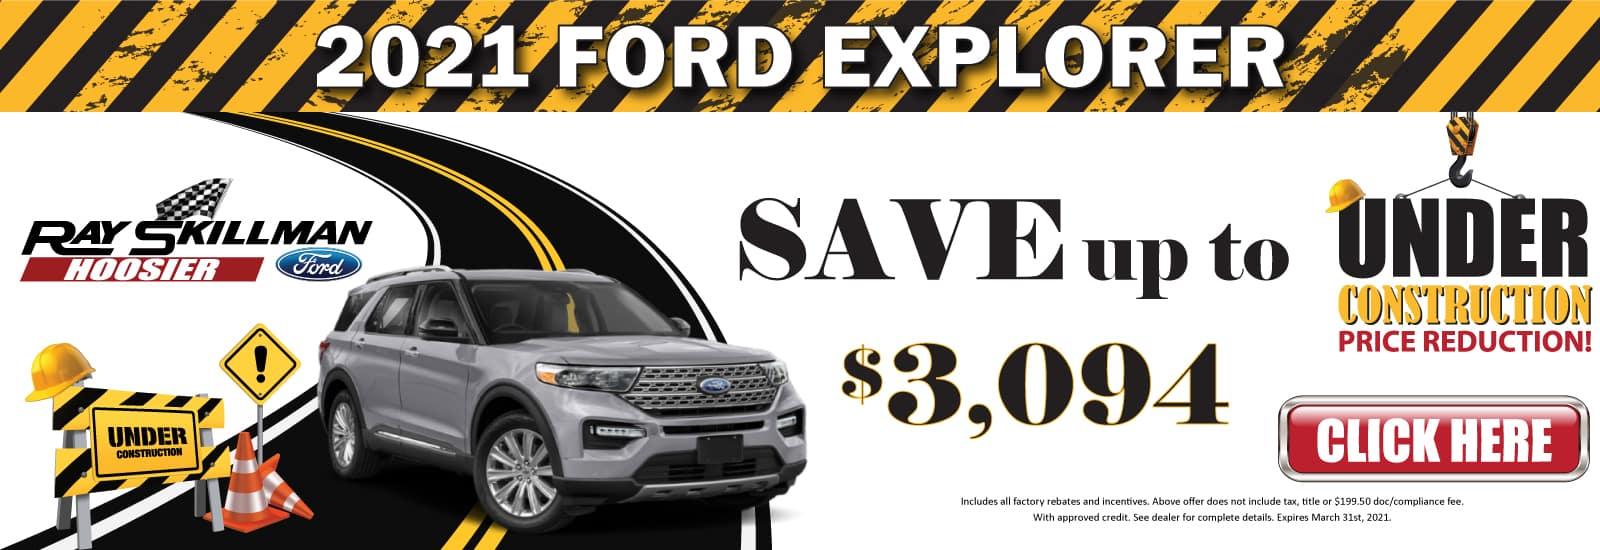 hoosier2021-Ford-Explorer-Web-Banner-1600×550